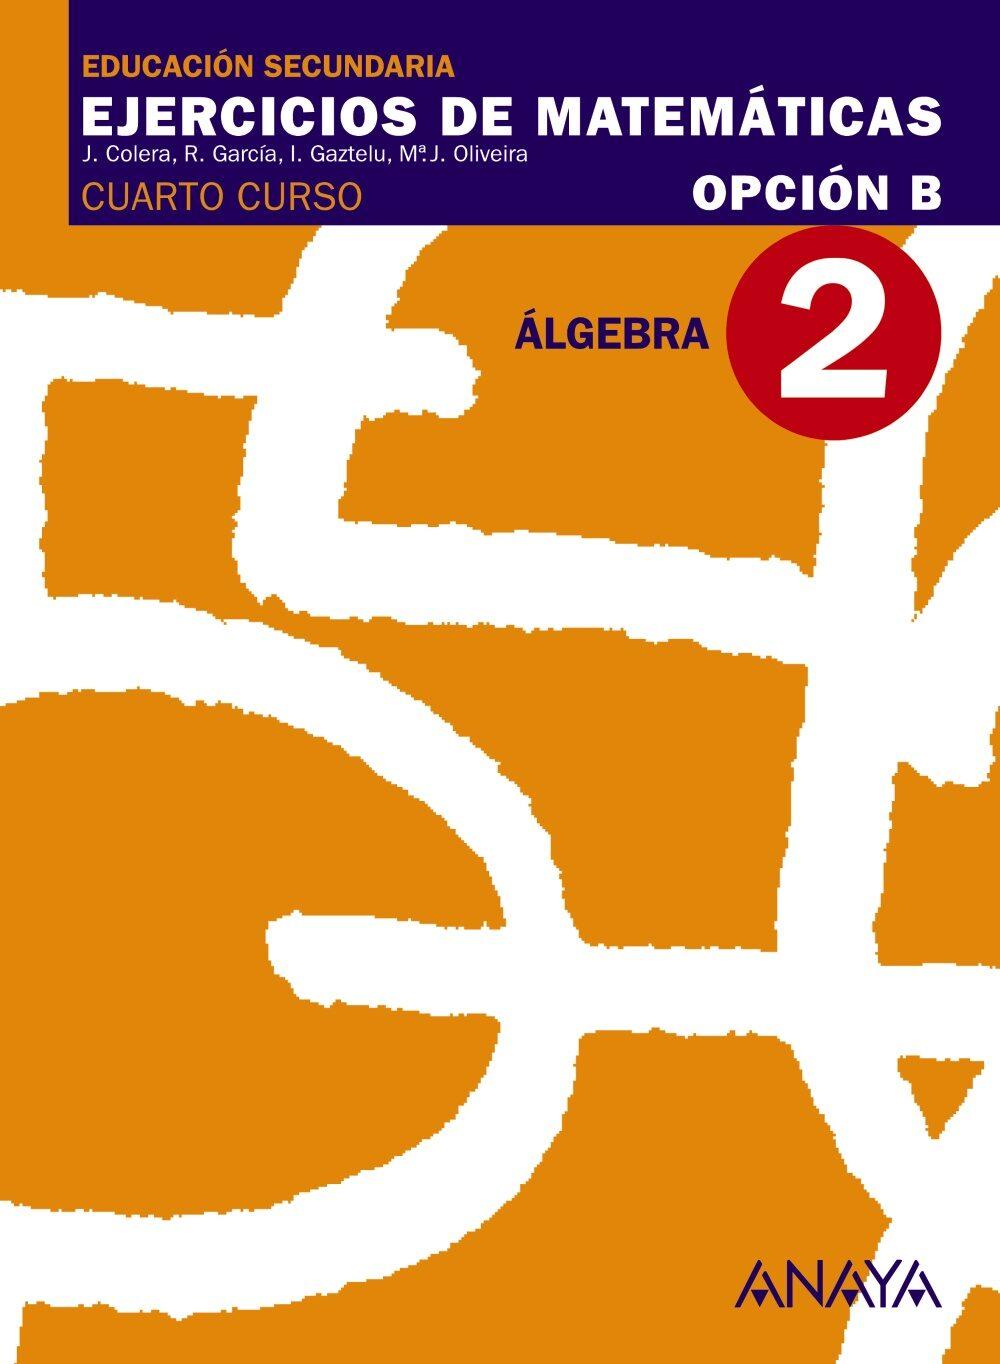 EJERCICIOS DE MATEMÁTICAS CUADERNO ALGEBRA 4º ESO EDUCACIÓN SECUNDARIA  OBLIGATORIA SEGUNDO CICLO | VV.AA. | Comprar libro 9788466771108